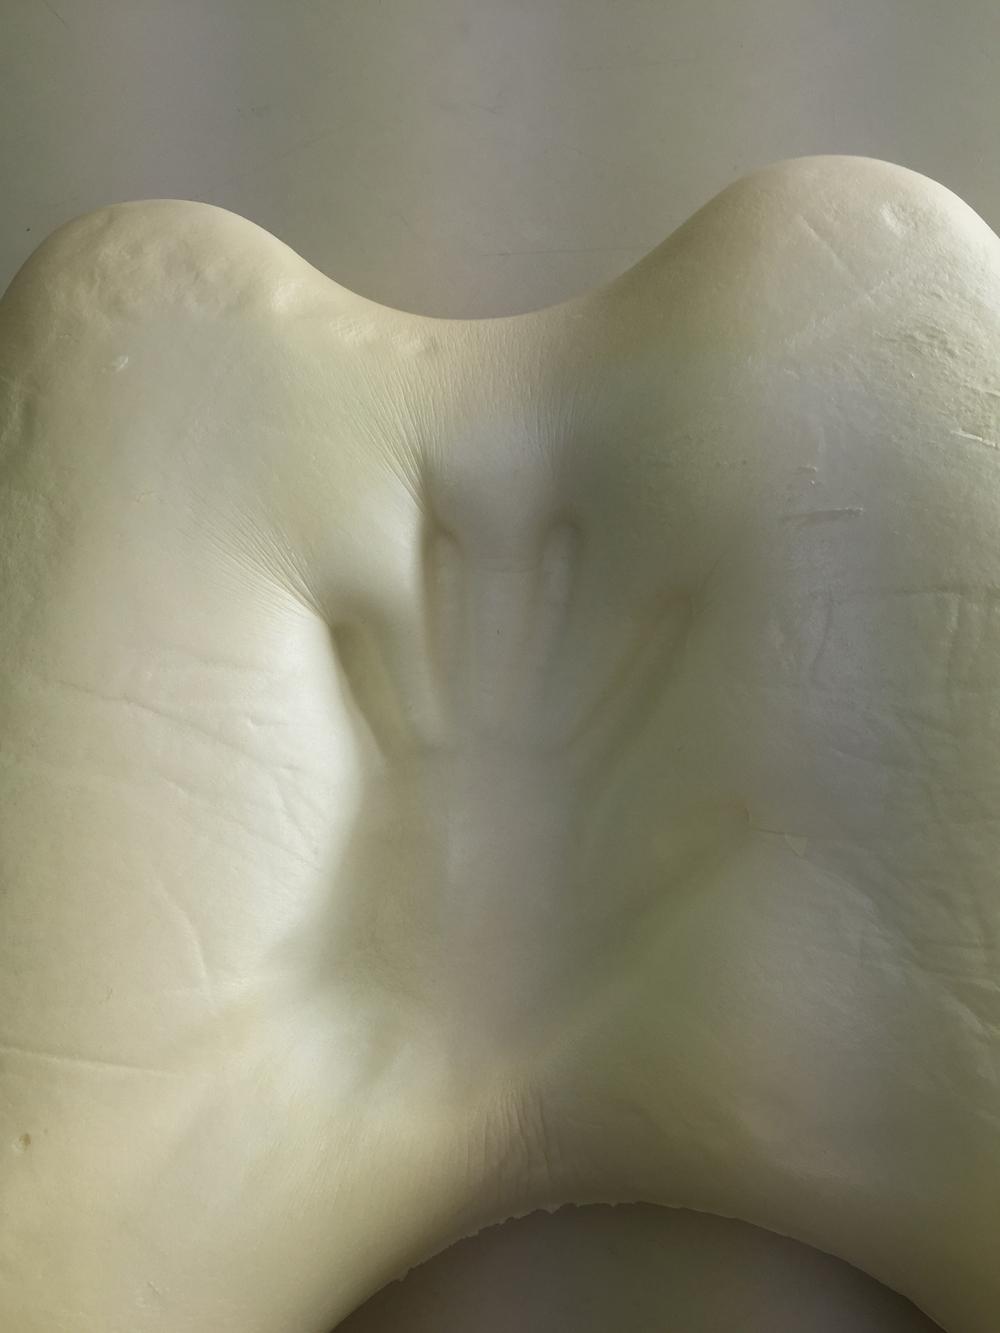 Beddy(ベディ) ウレタンの形状復元 2